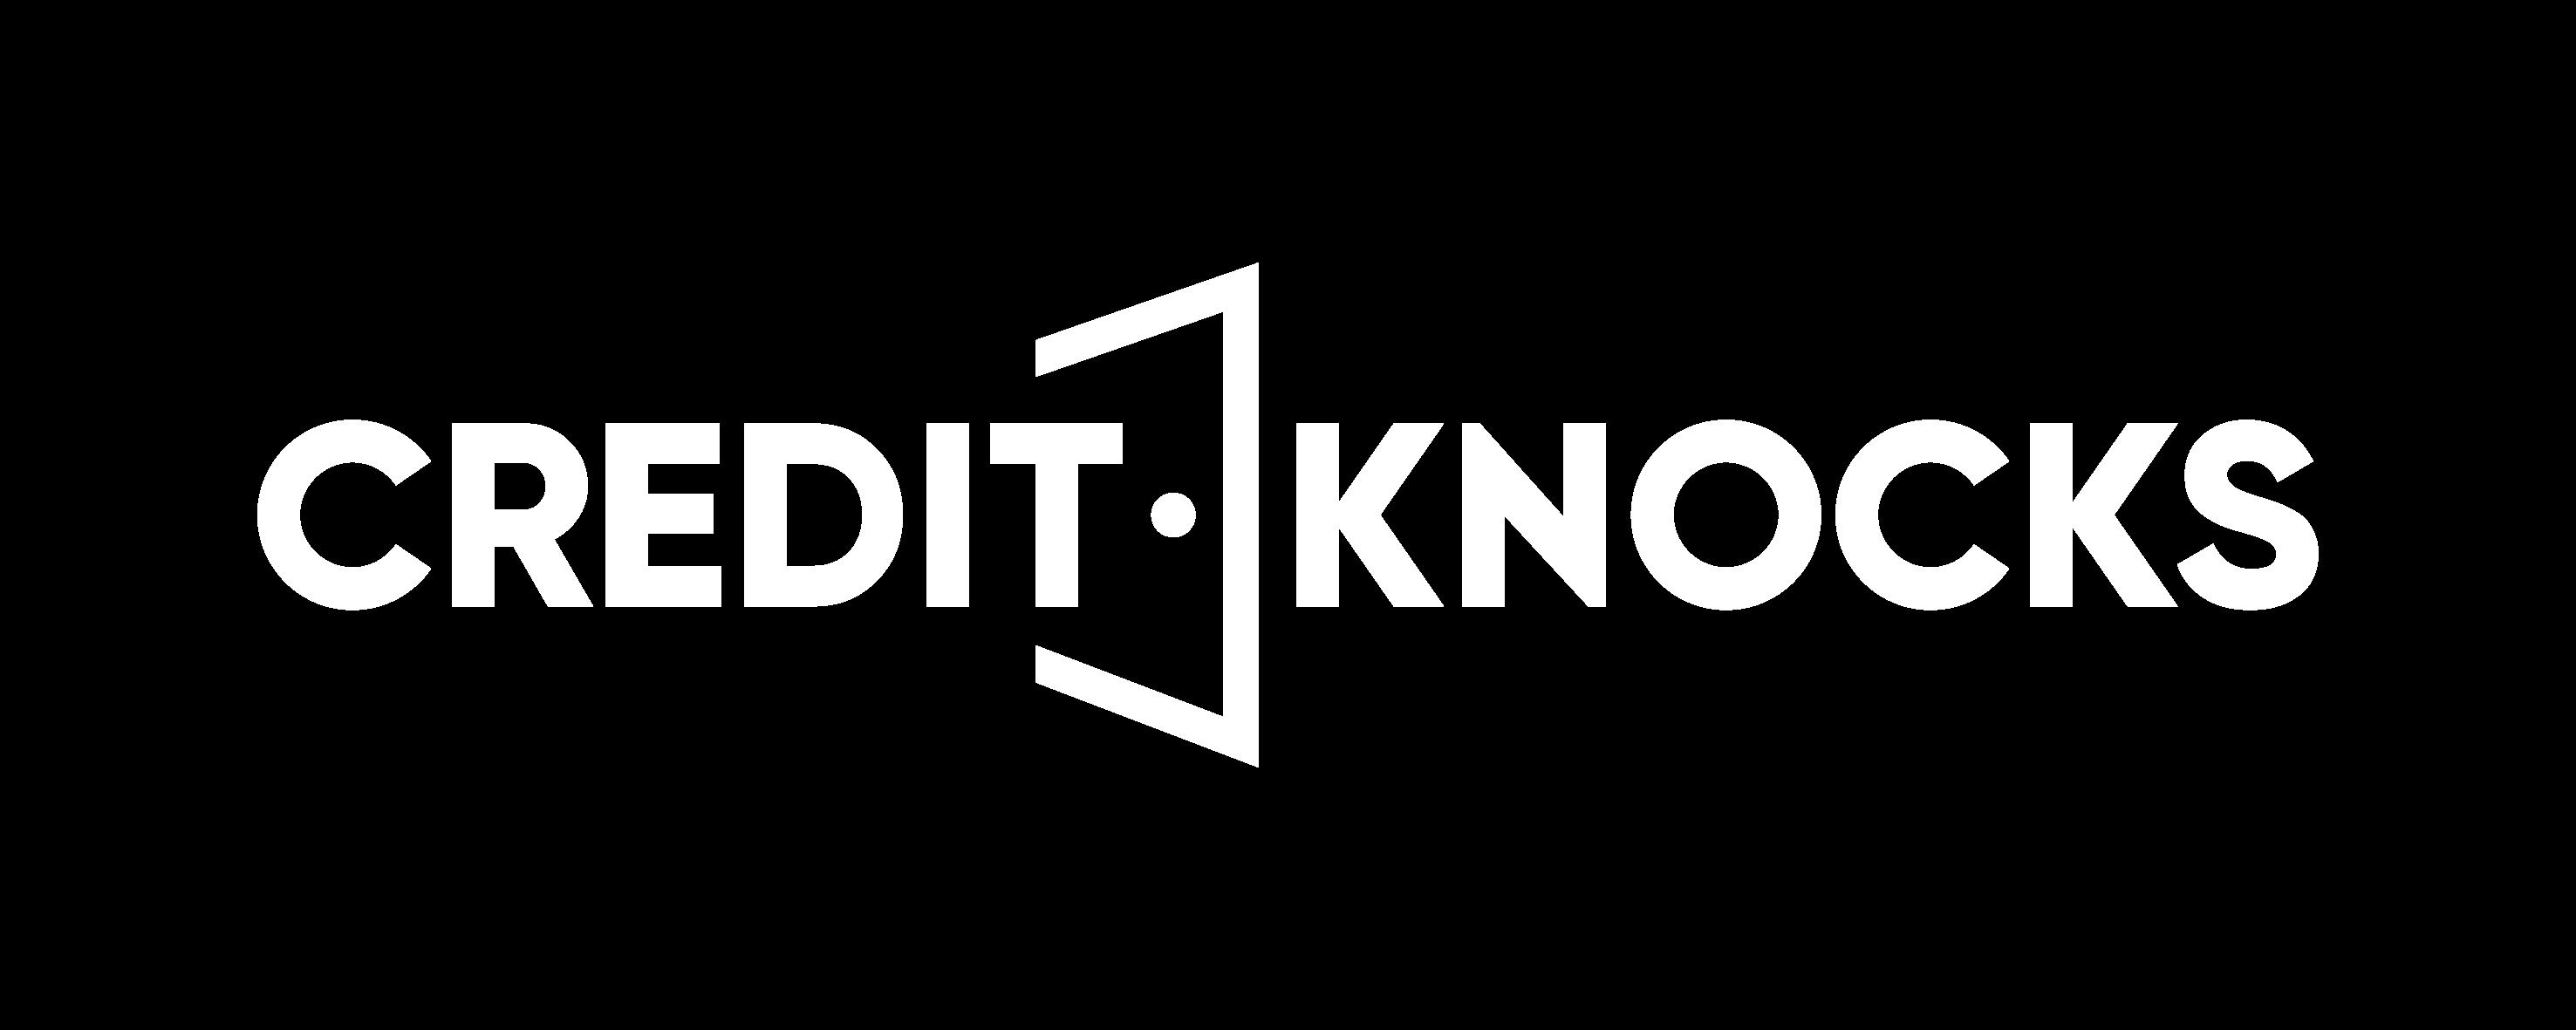 Credit Knocks white logo png